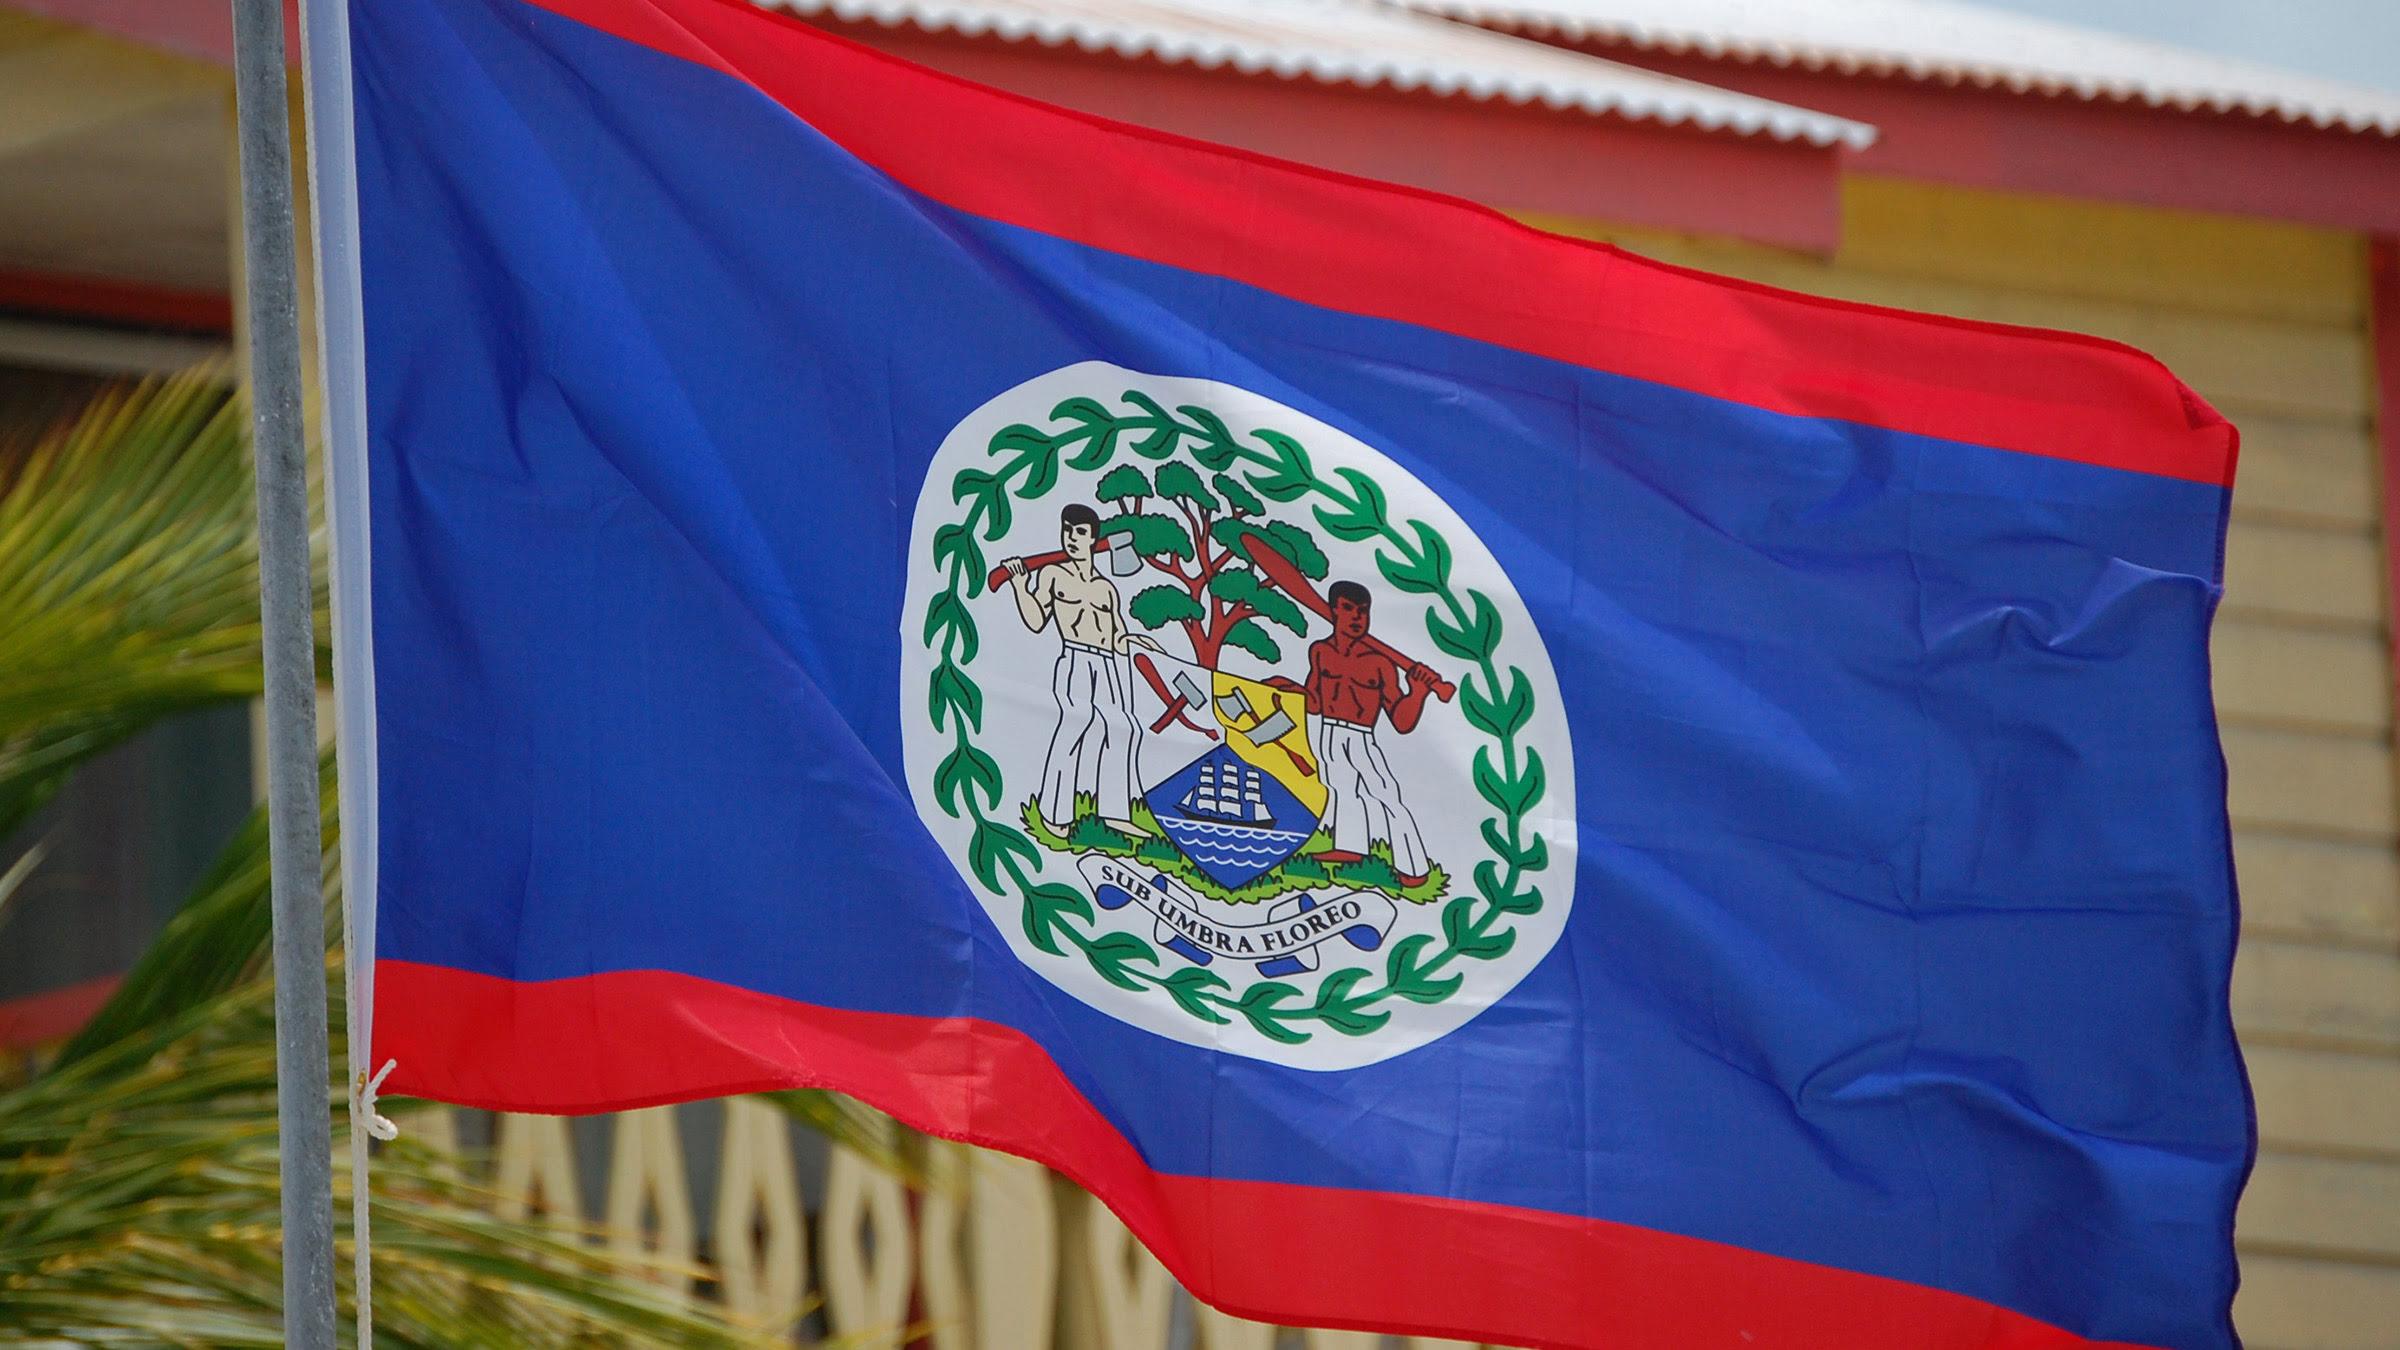 El presidente de Belice bandera